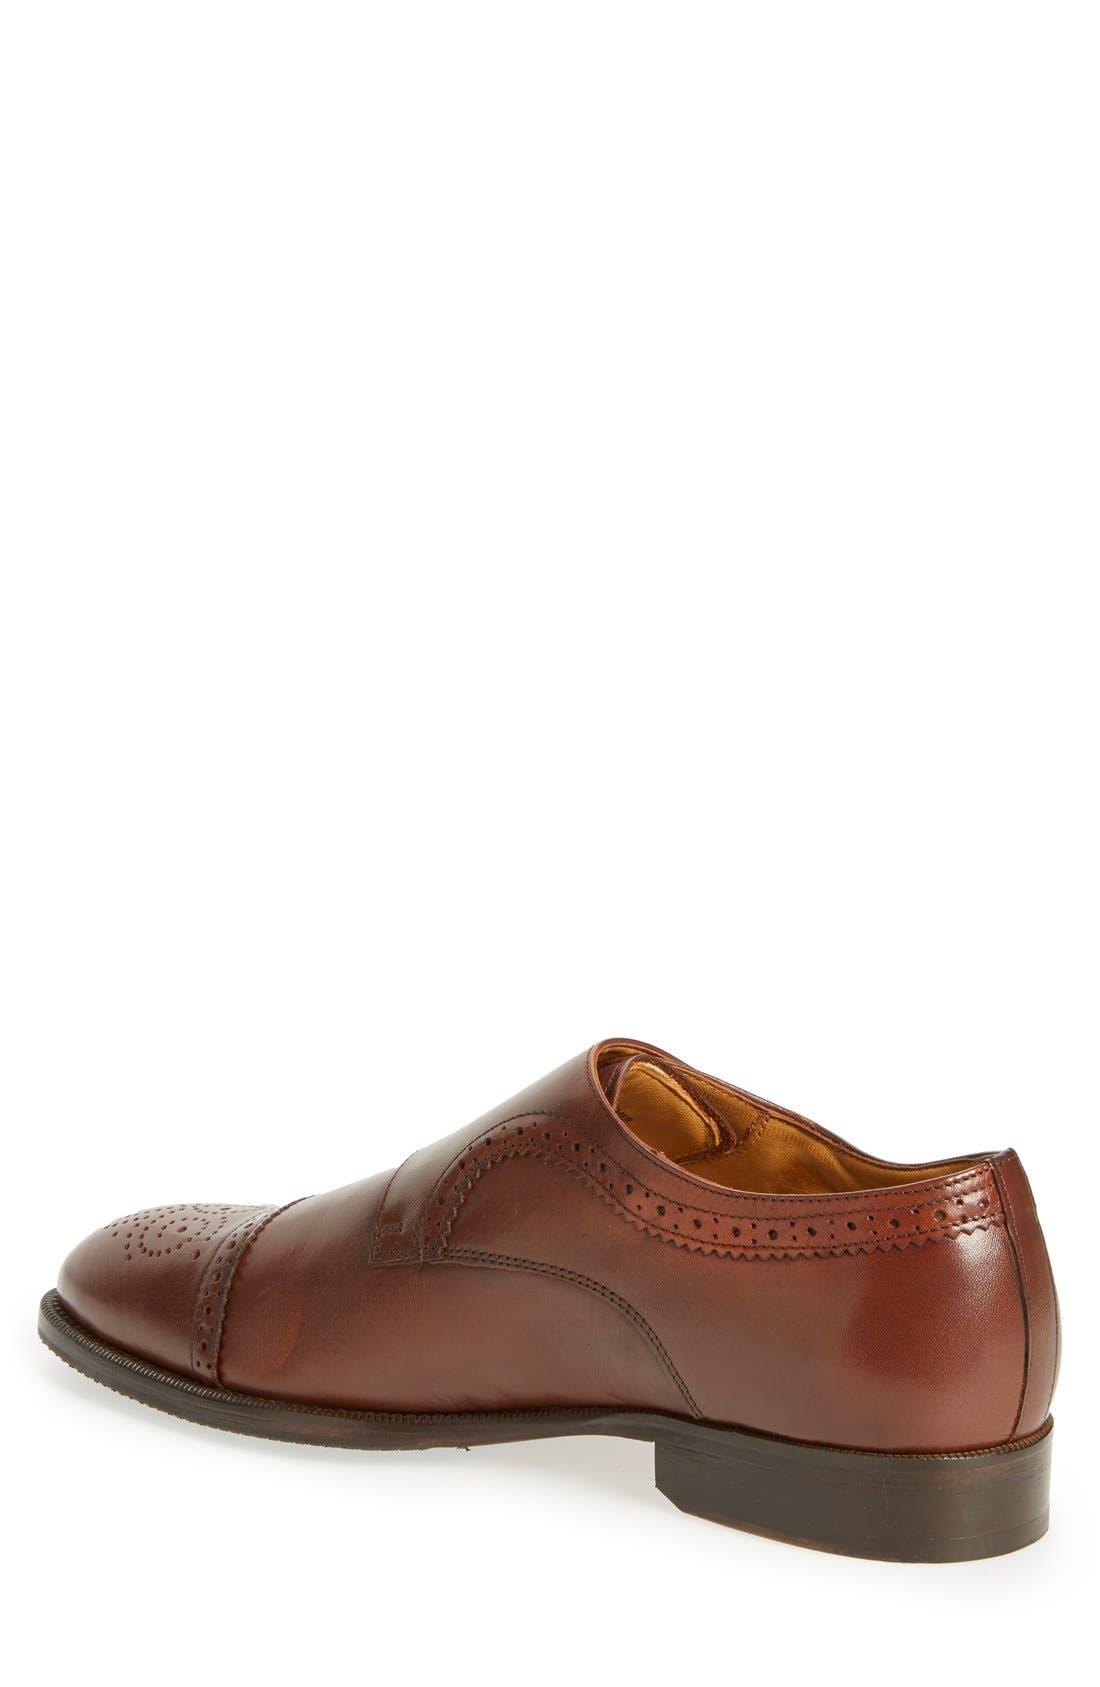 'Briant' Double Monk Strap Shoe,                             Alternate thumbnail 6, color,